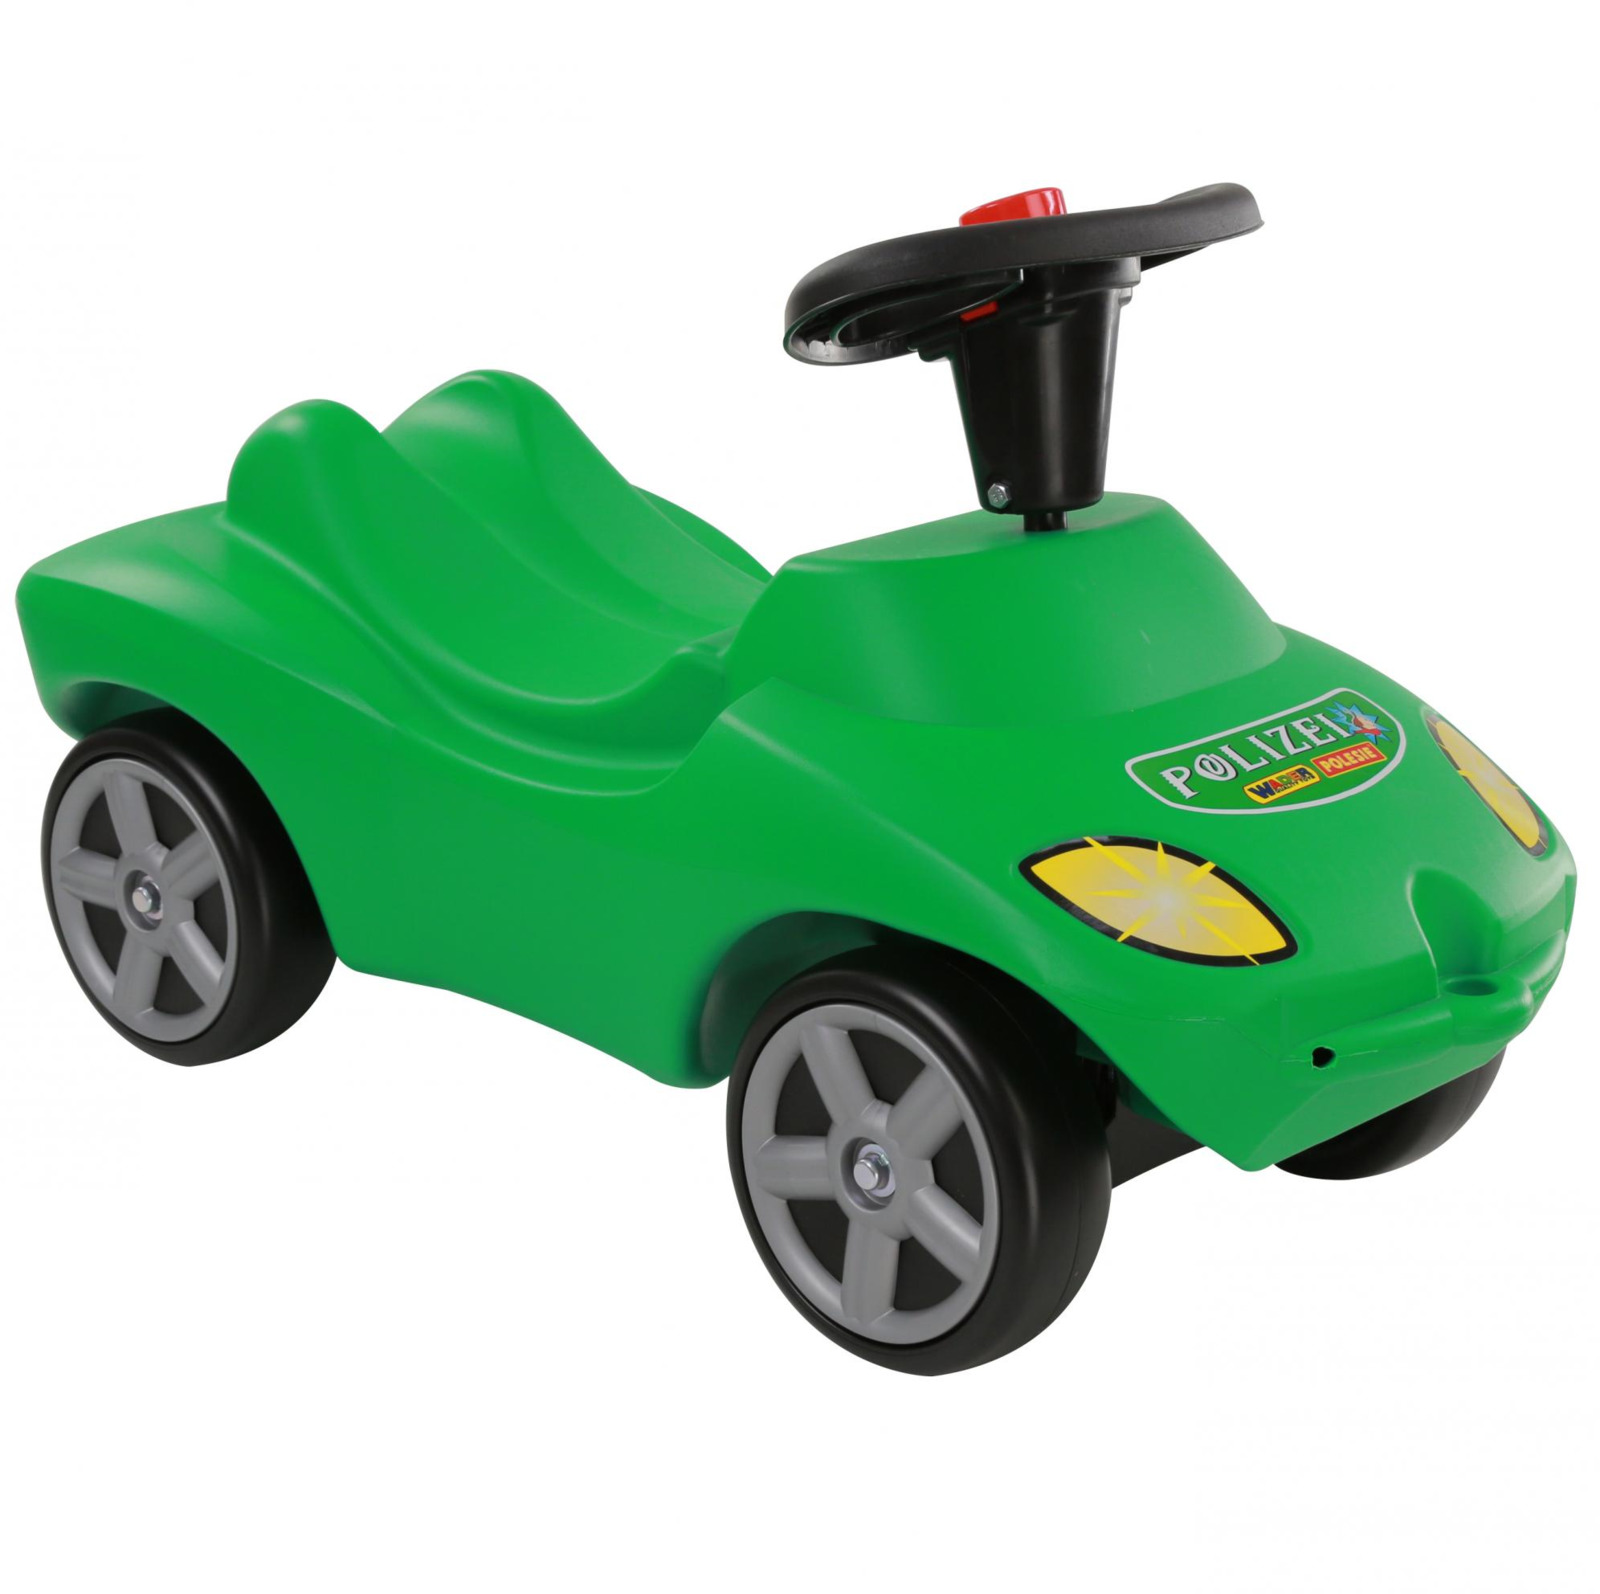 Фото - Автомобиль-каталка Полесье Полиция, со звуковым сигналом, цвет в ассортименте полесье набор игрушек для песочницы 468 цвет в ассортименте